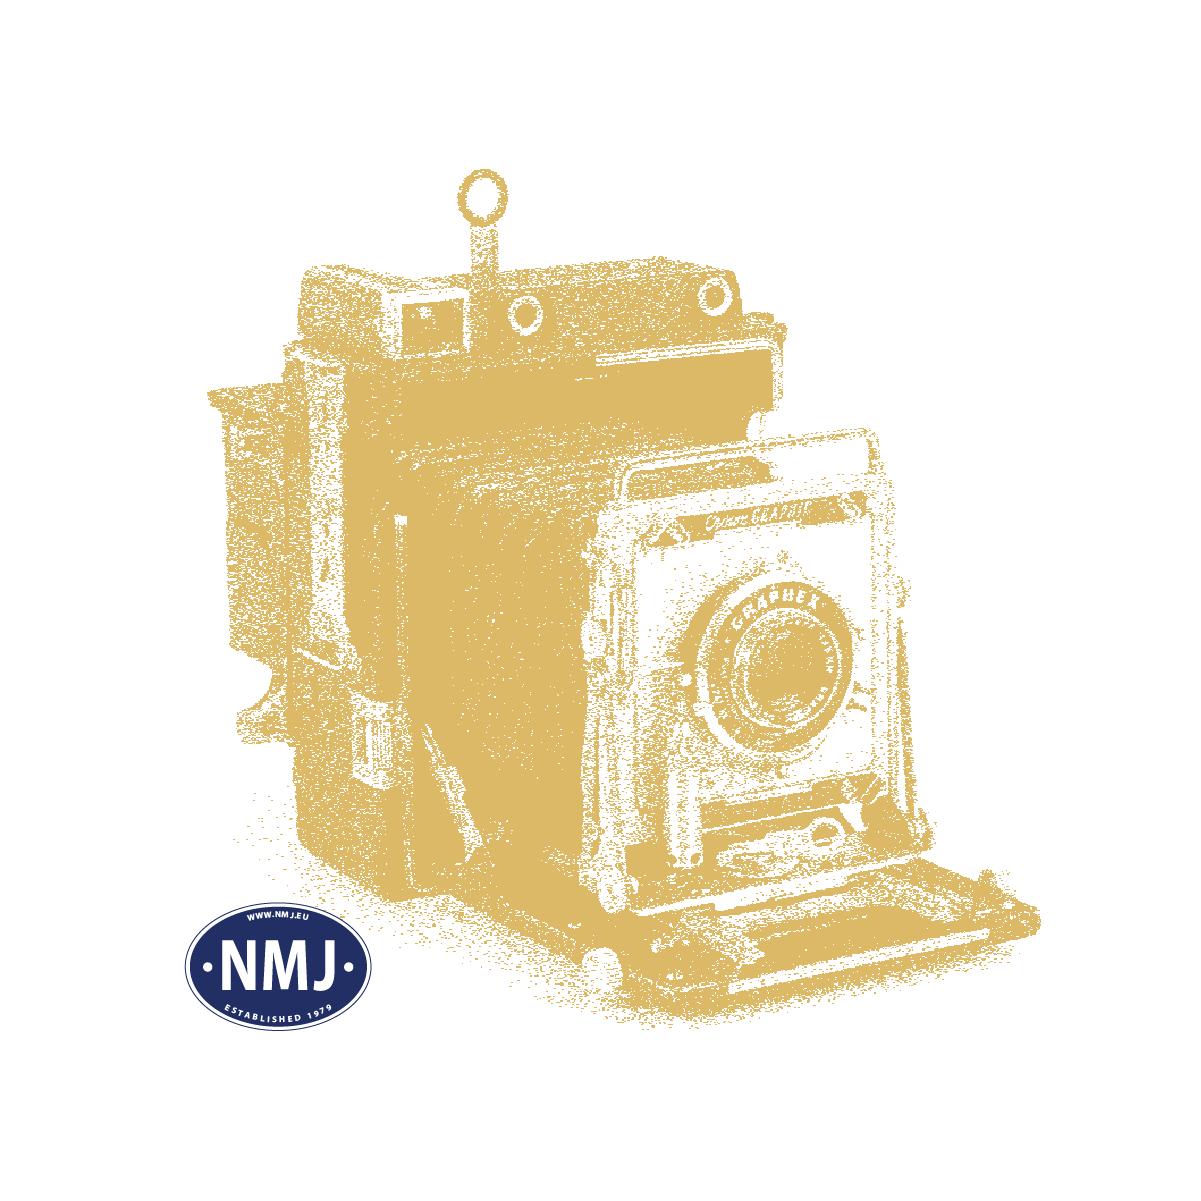 NMJT134.301 - NMJ Topline NSB DF37 21307, Gepäck und Schafnerwagen, rot/Schwarz